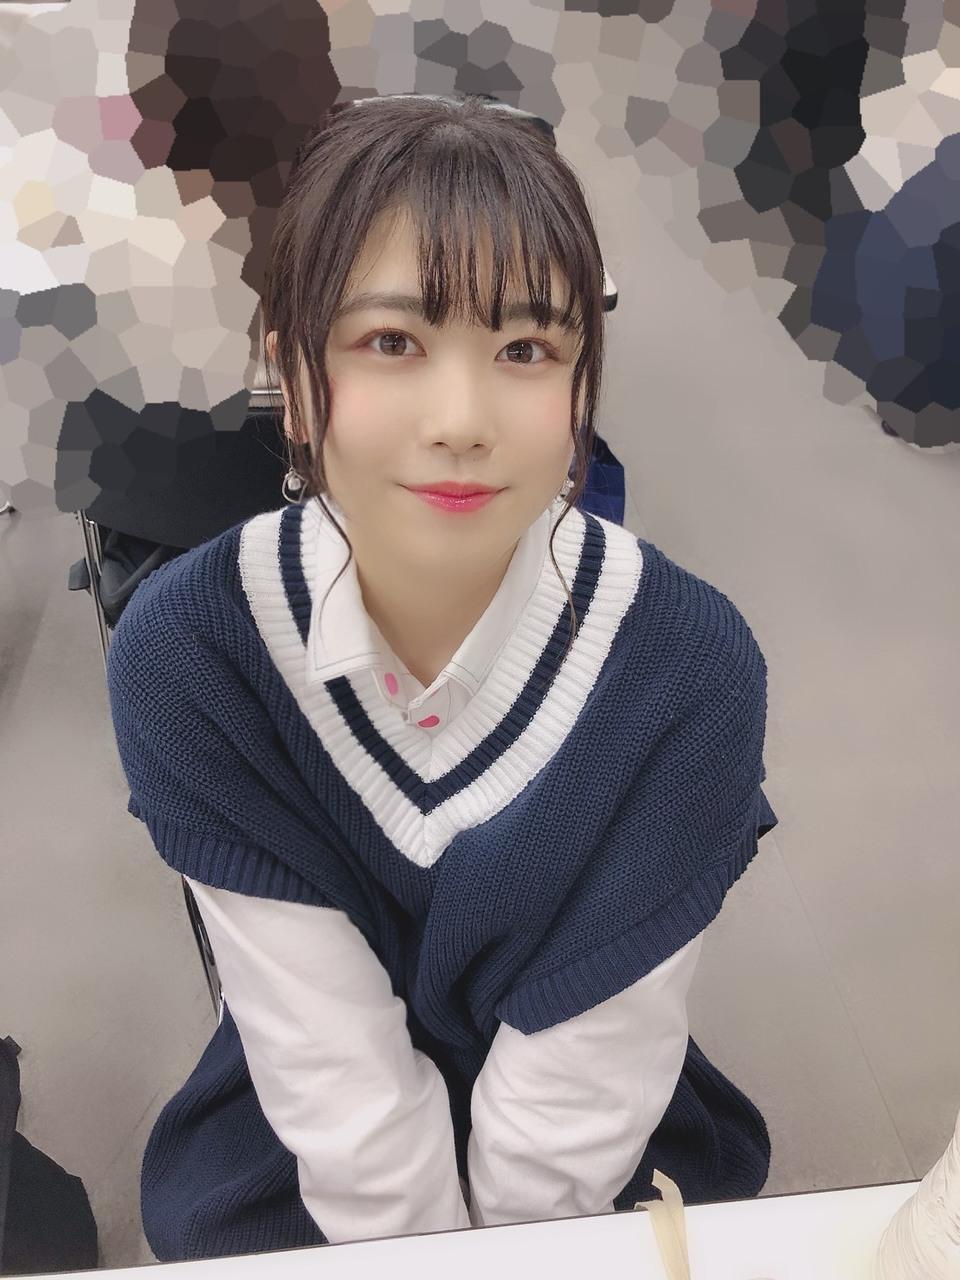 日向坂46メンバーブログまとめ2019年5月2日